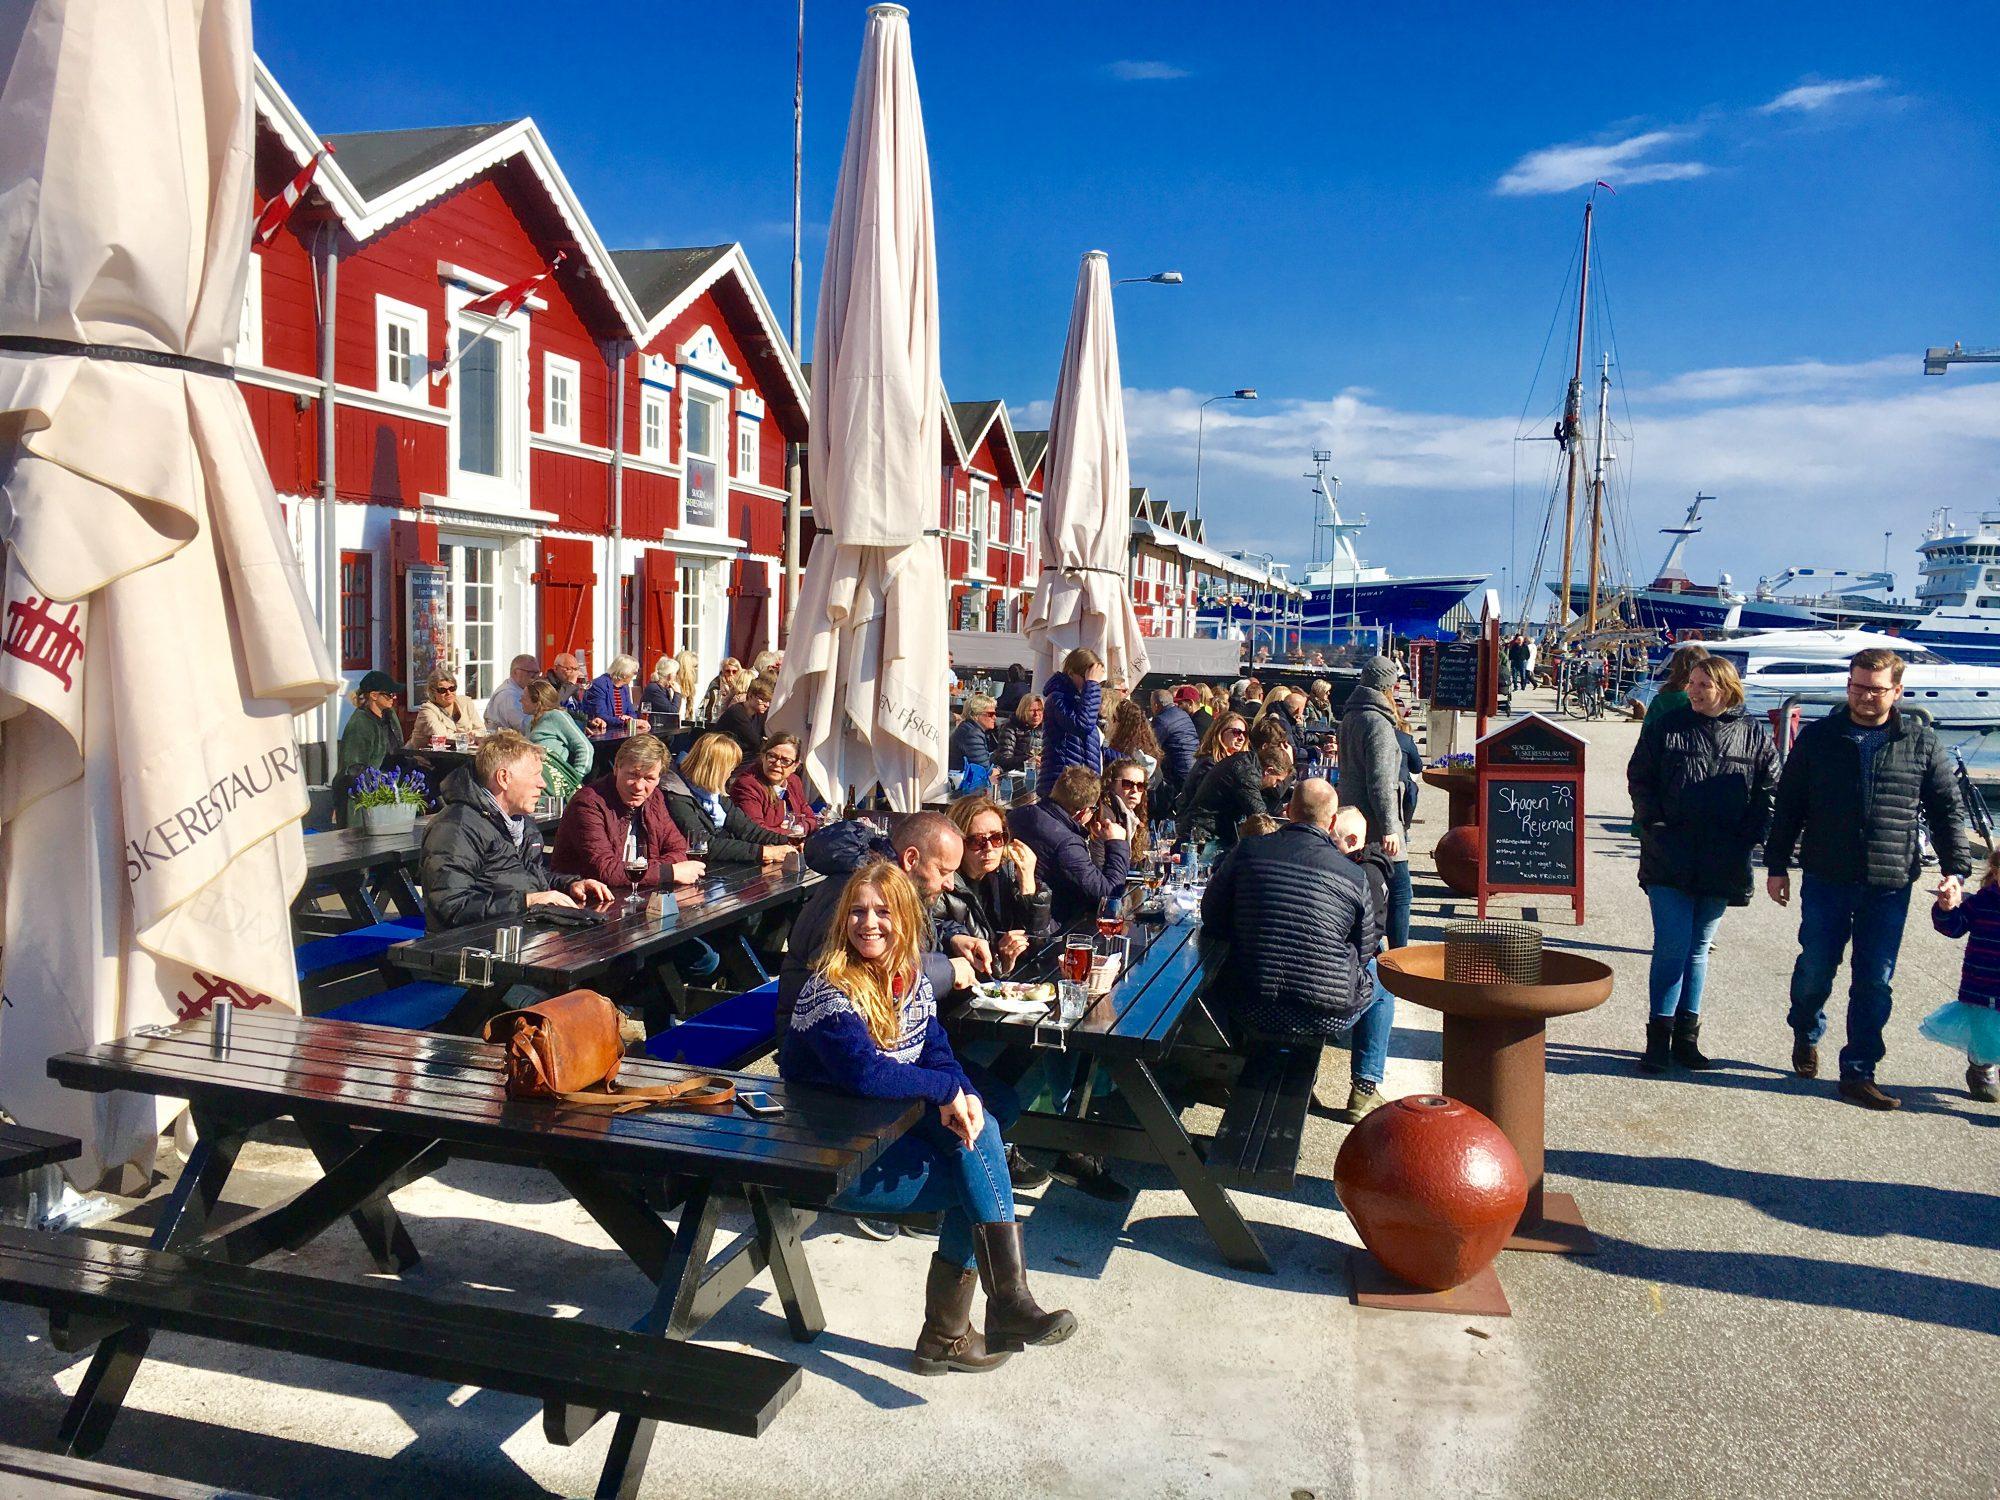 Når våren kommer, våkner bryggerestaurantene virkelig til liv og båtruristene fortøyer i havnen. Hva med et halvt dusin østers, eller kanskje noen ferske reker? Foto: Fjord Line